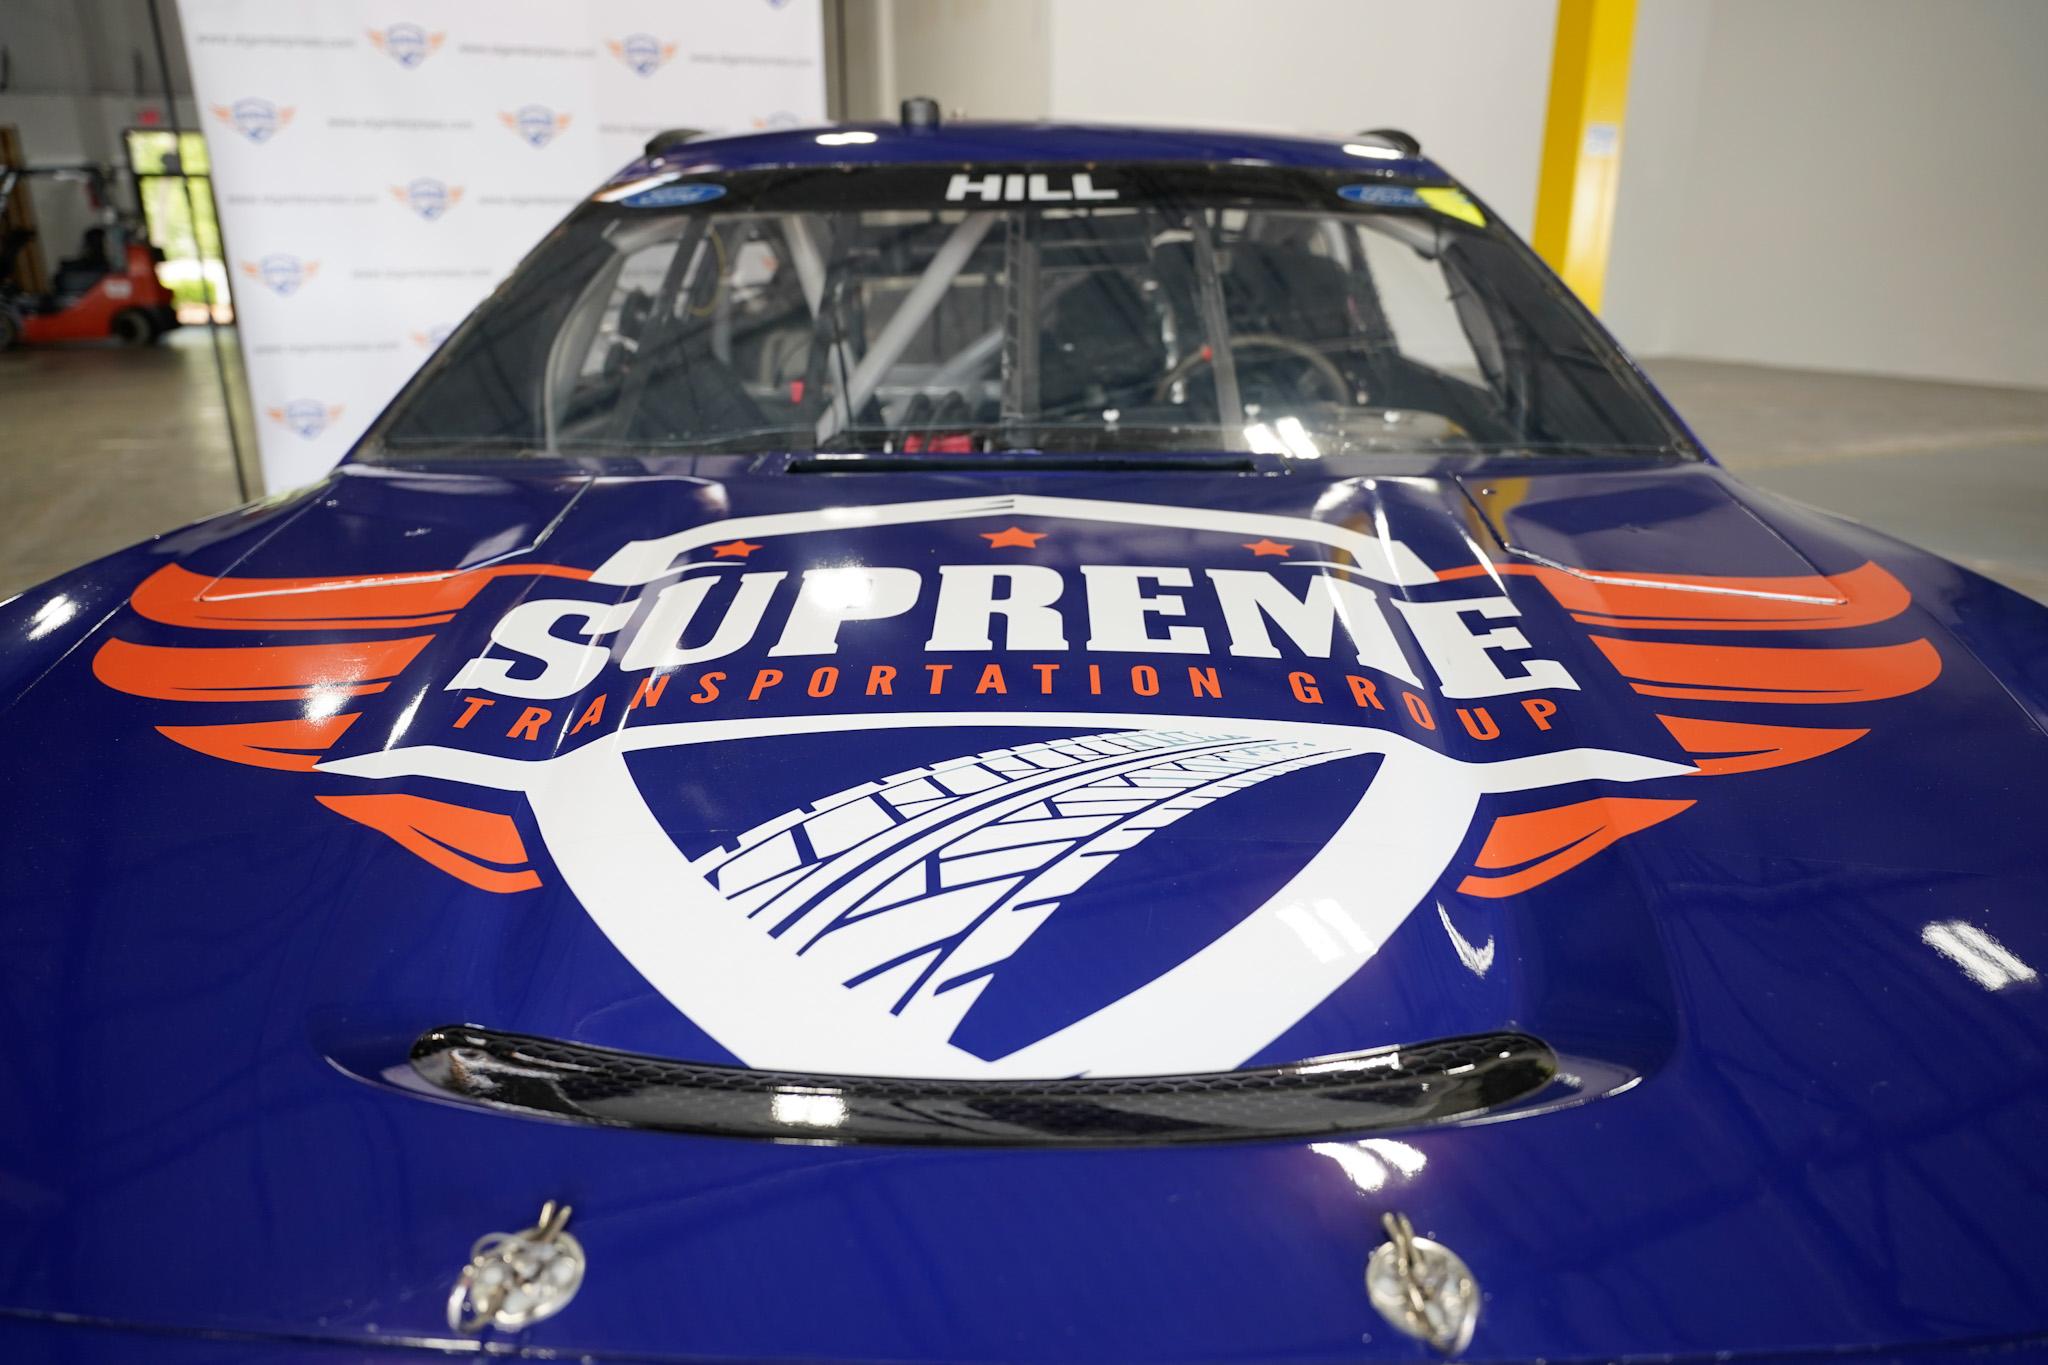 Supreme Transportation Group-branded nascar -